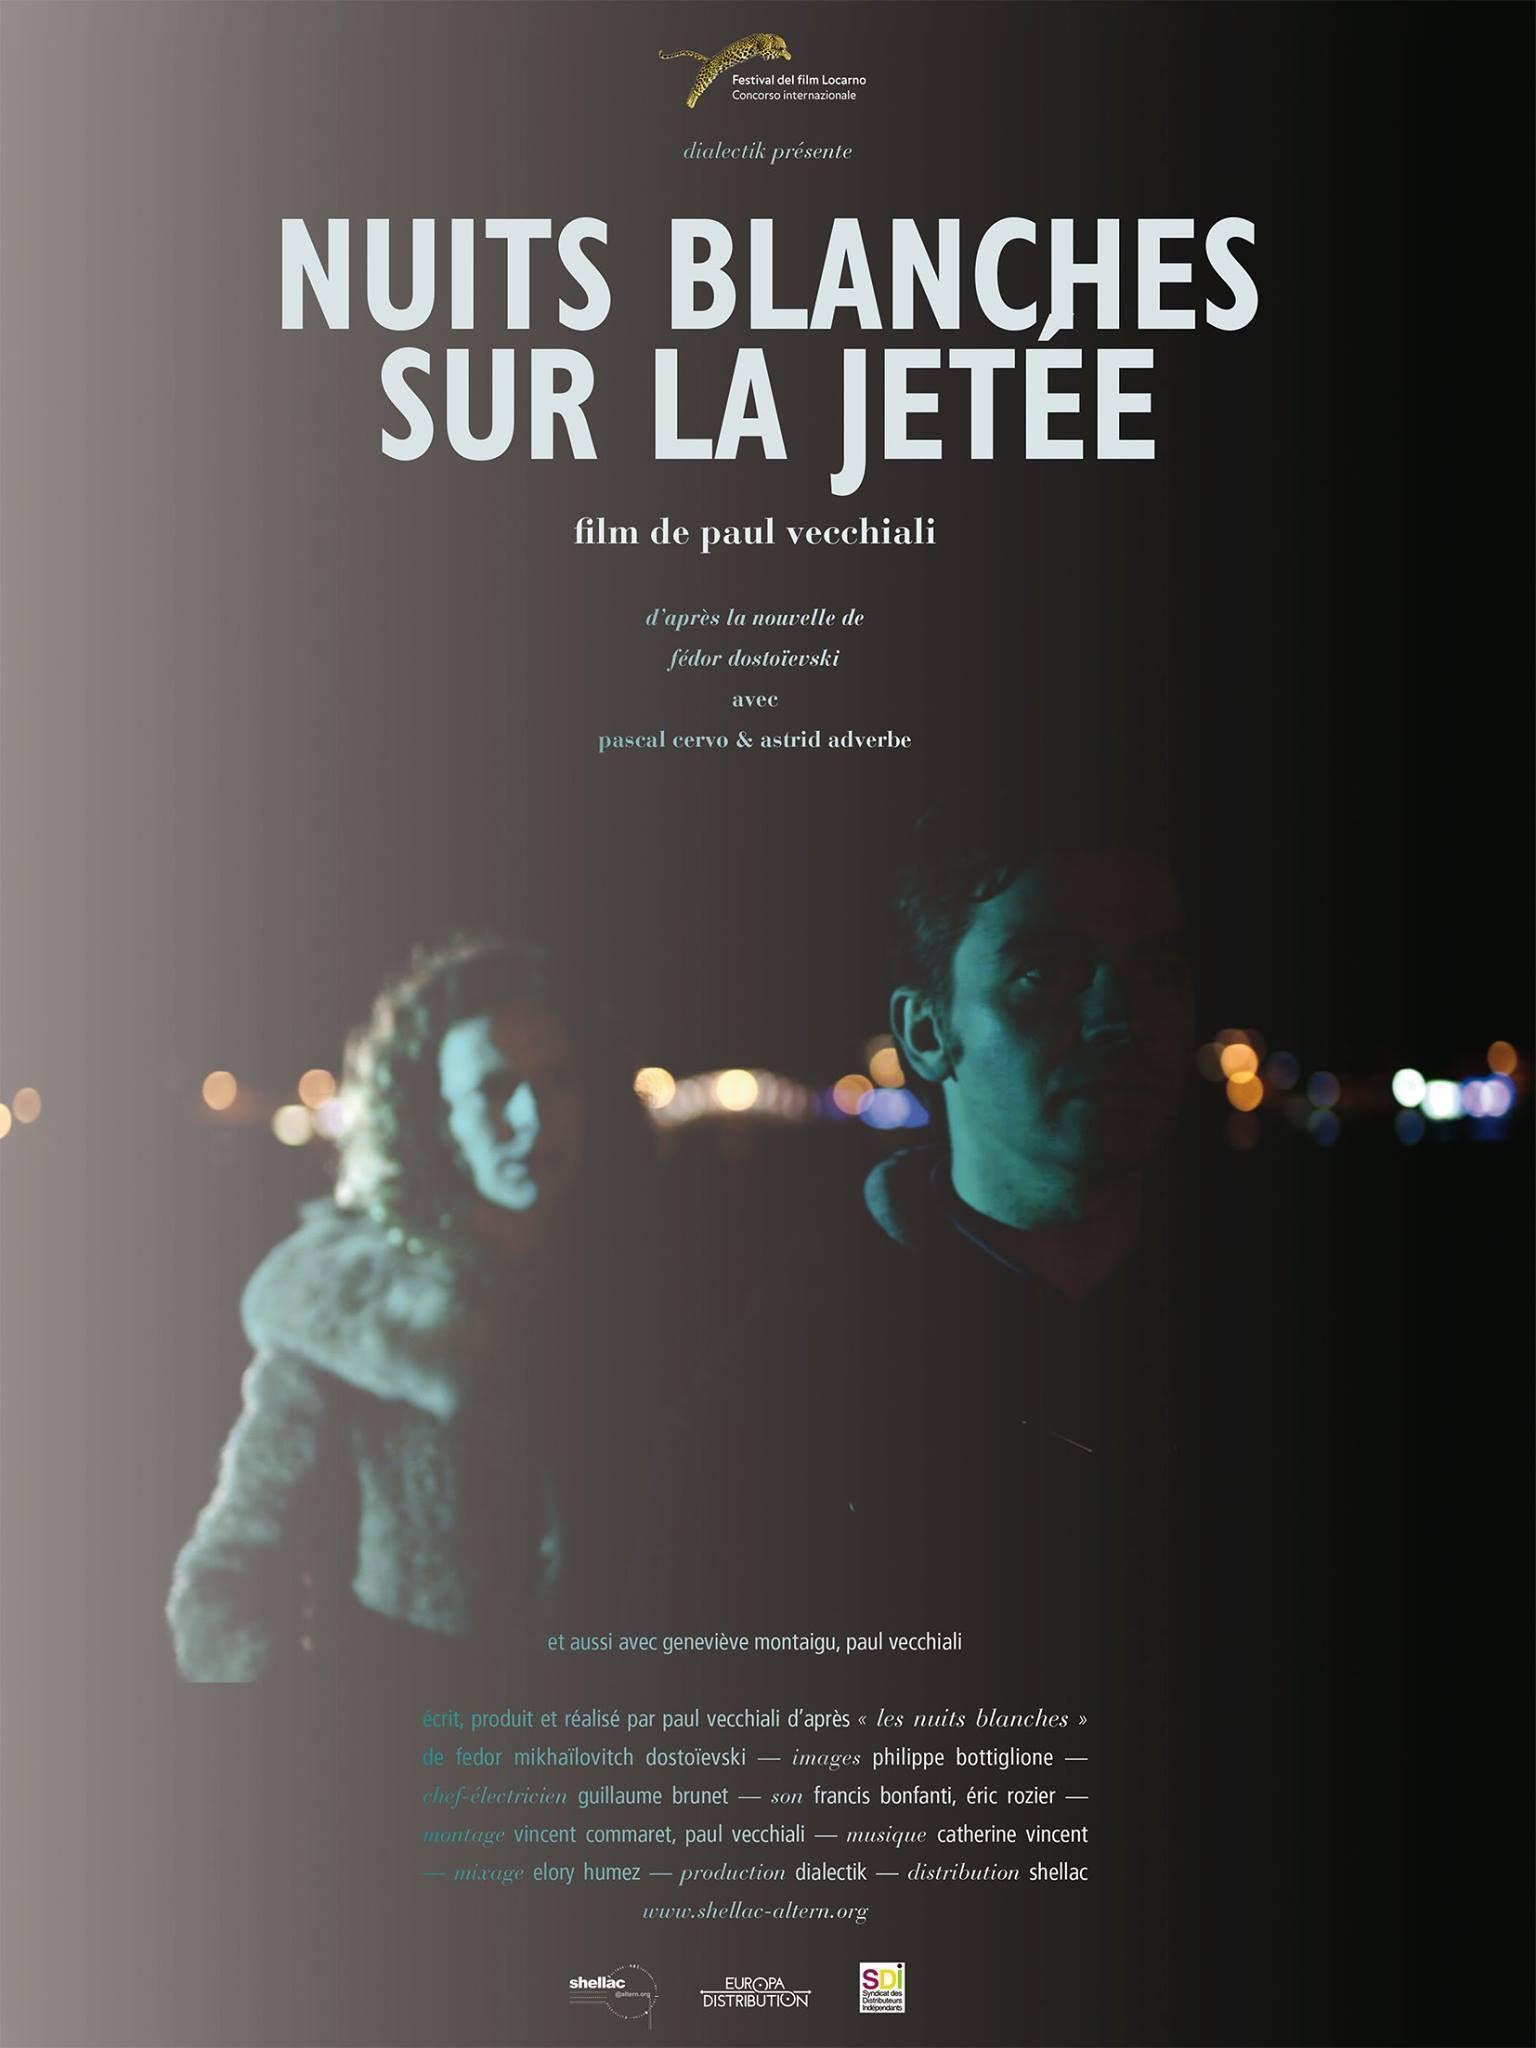 Nuits blanches sur la jetée - Film (2015)